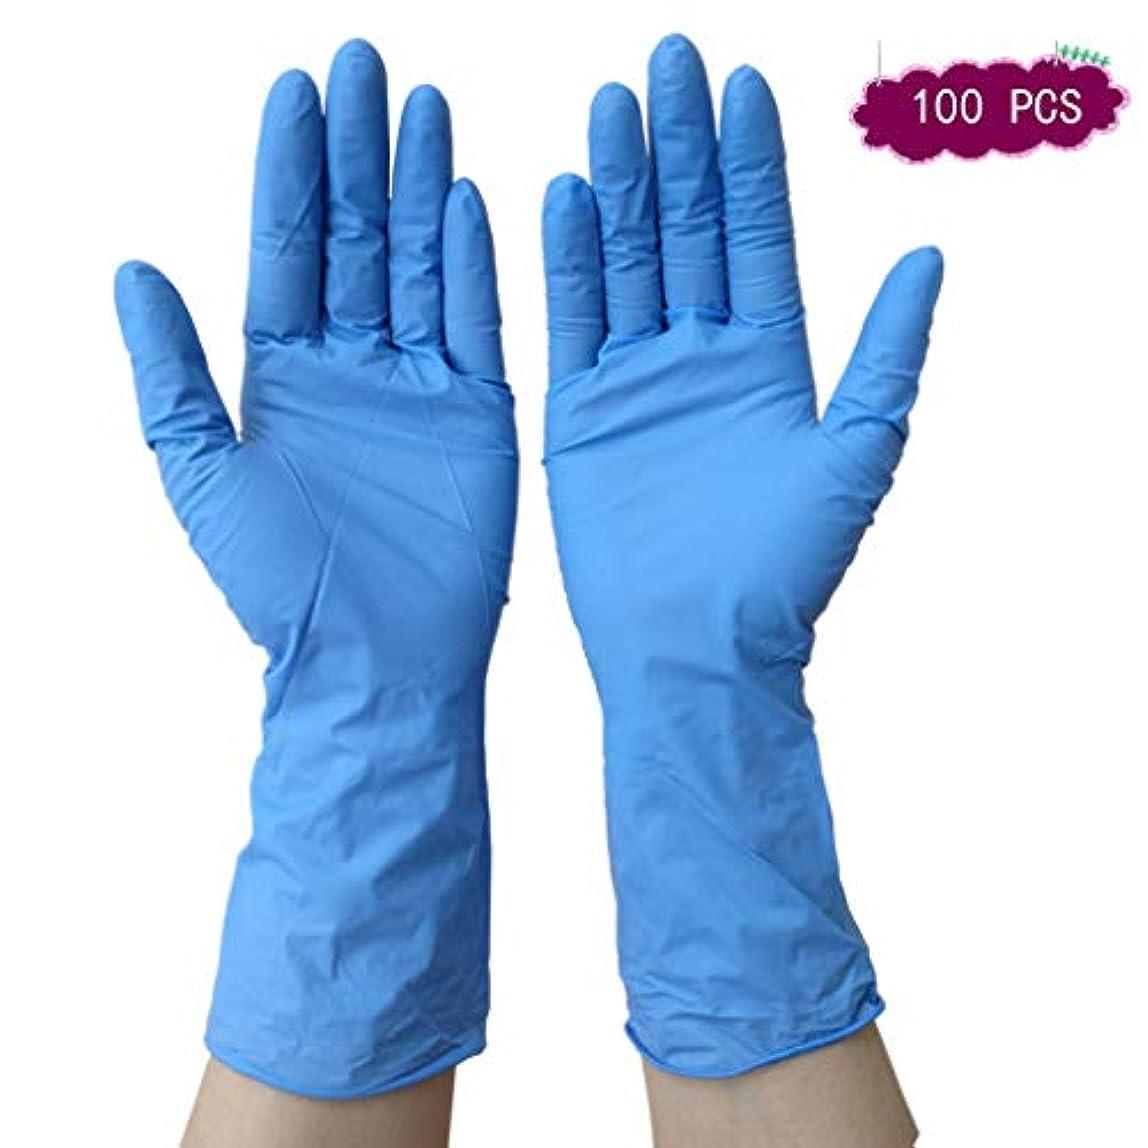 経由で蒸留する洗練使い捨てラテックス手袋ニトリルロングと太い青油防滑り止め世帯のクリーニング手袋12インチアンチ油 (Color : 9 inch, Size : S)